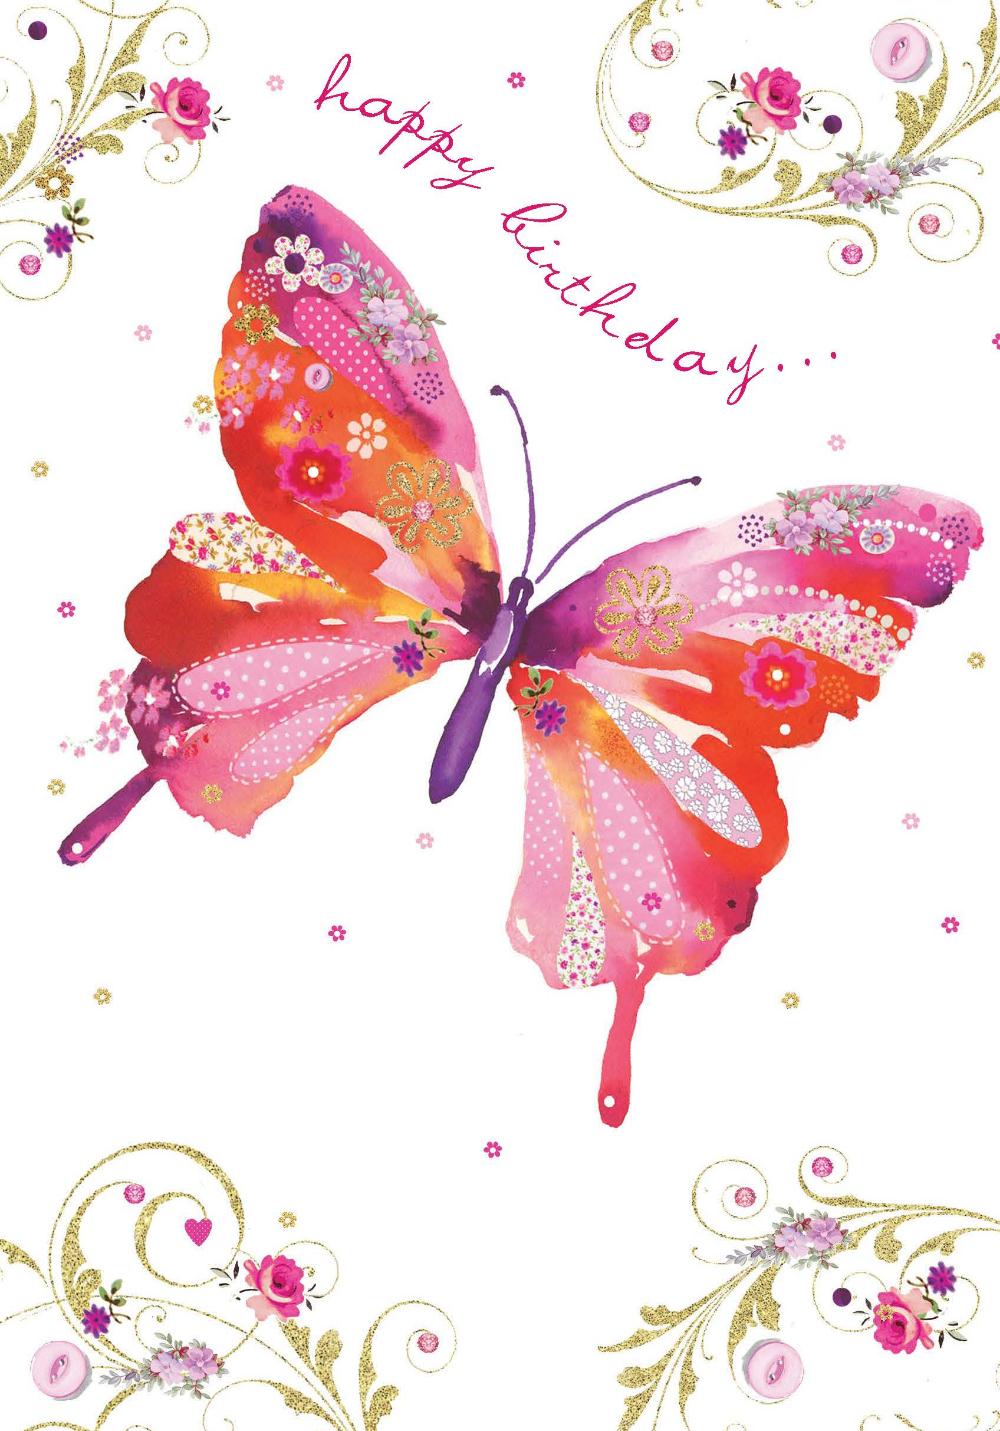 Днем, поздравления с днем рождения открытки с бабочками